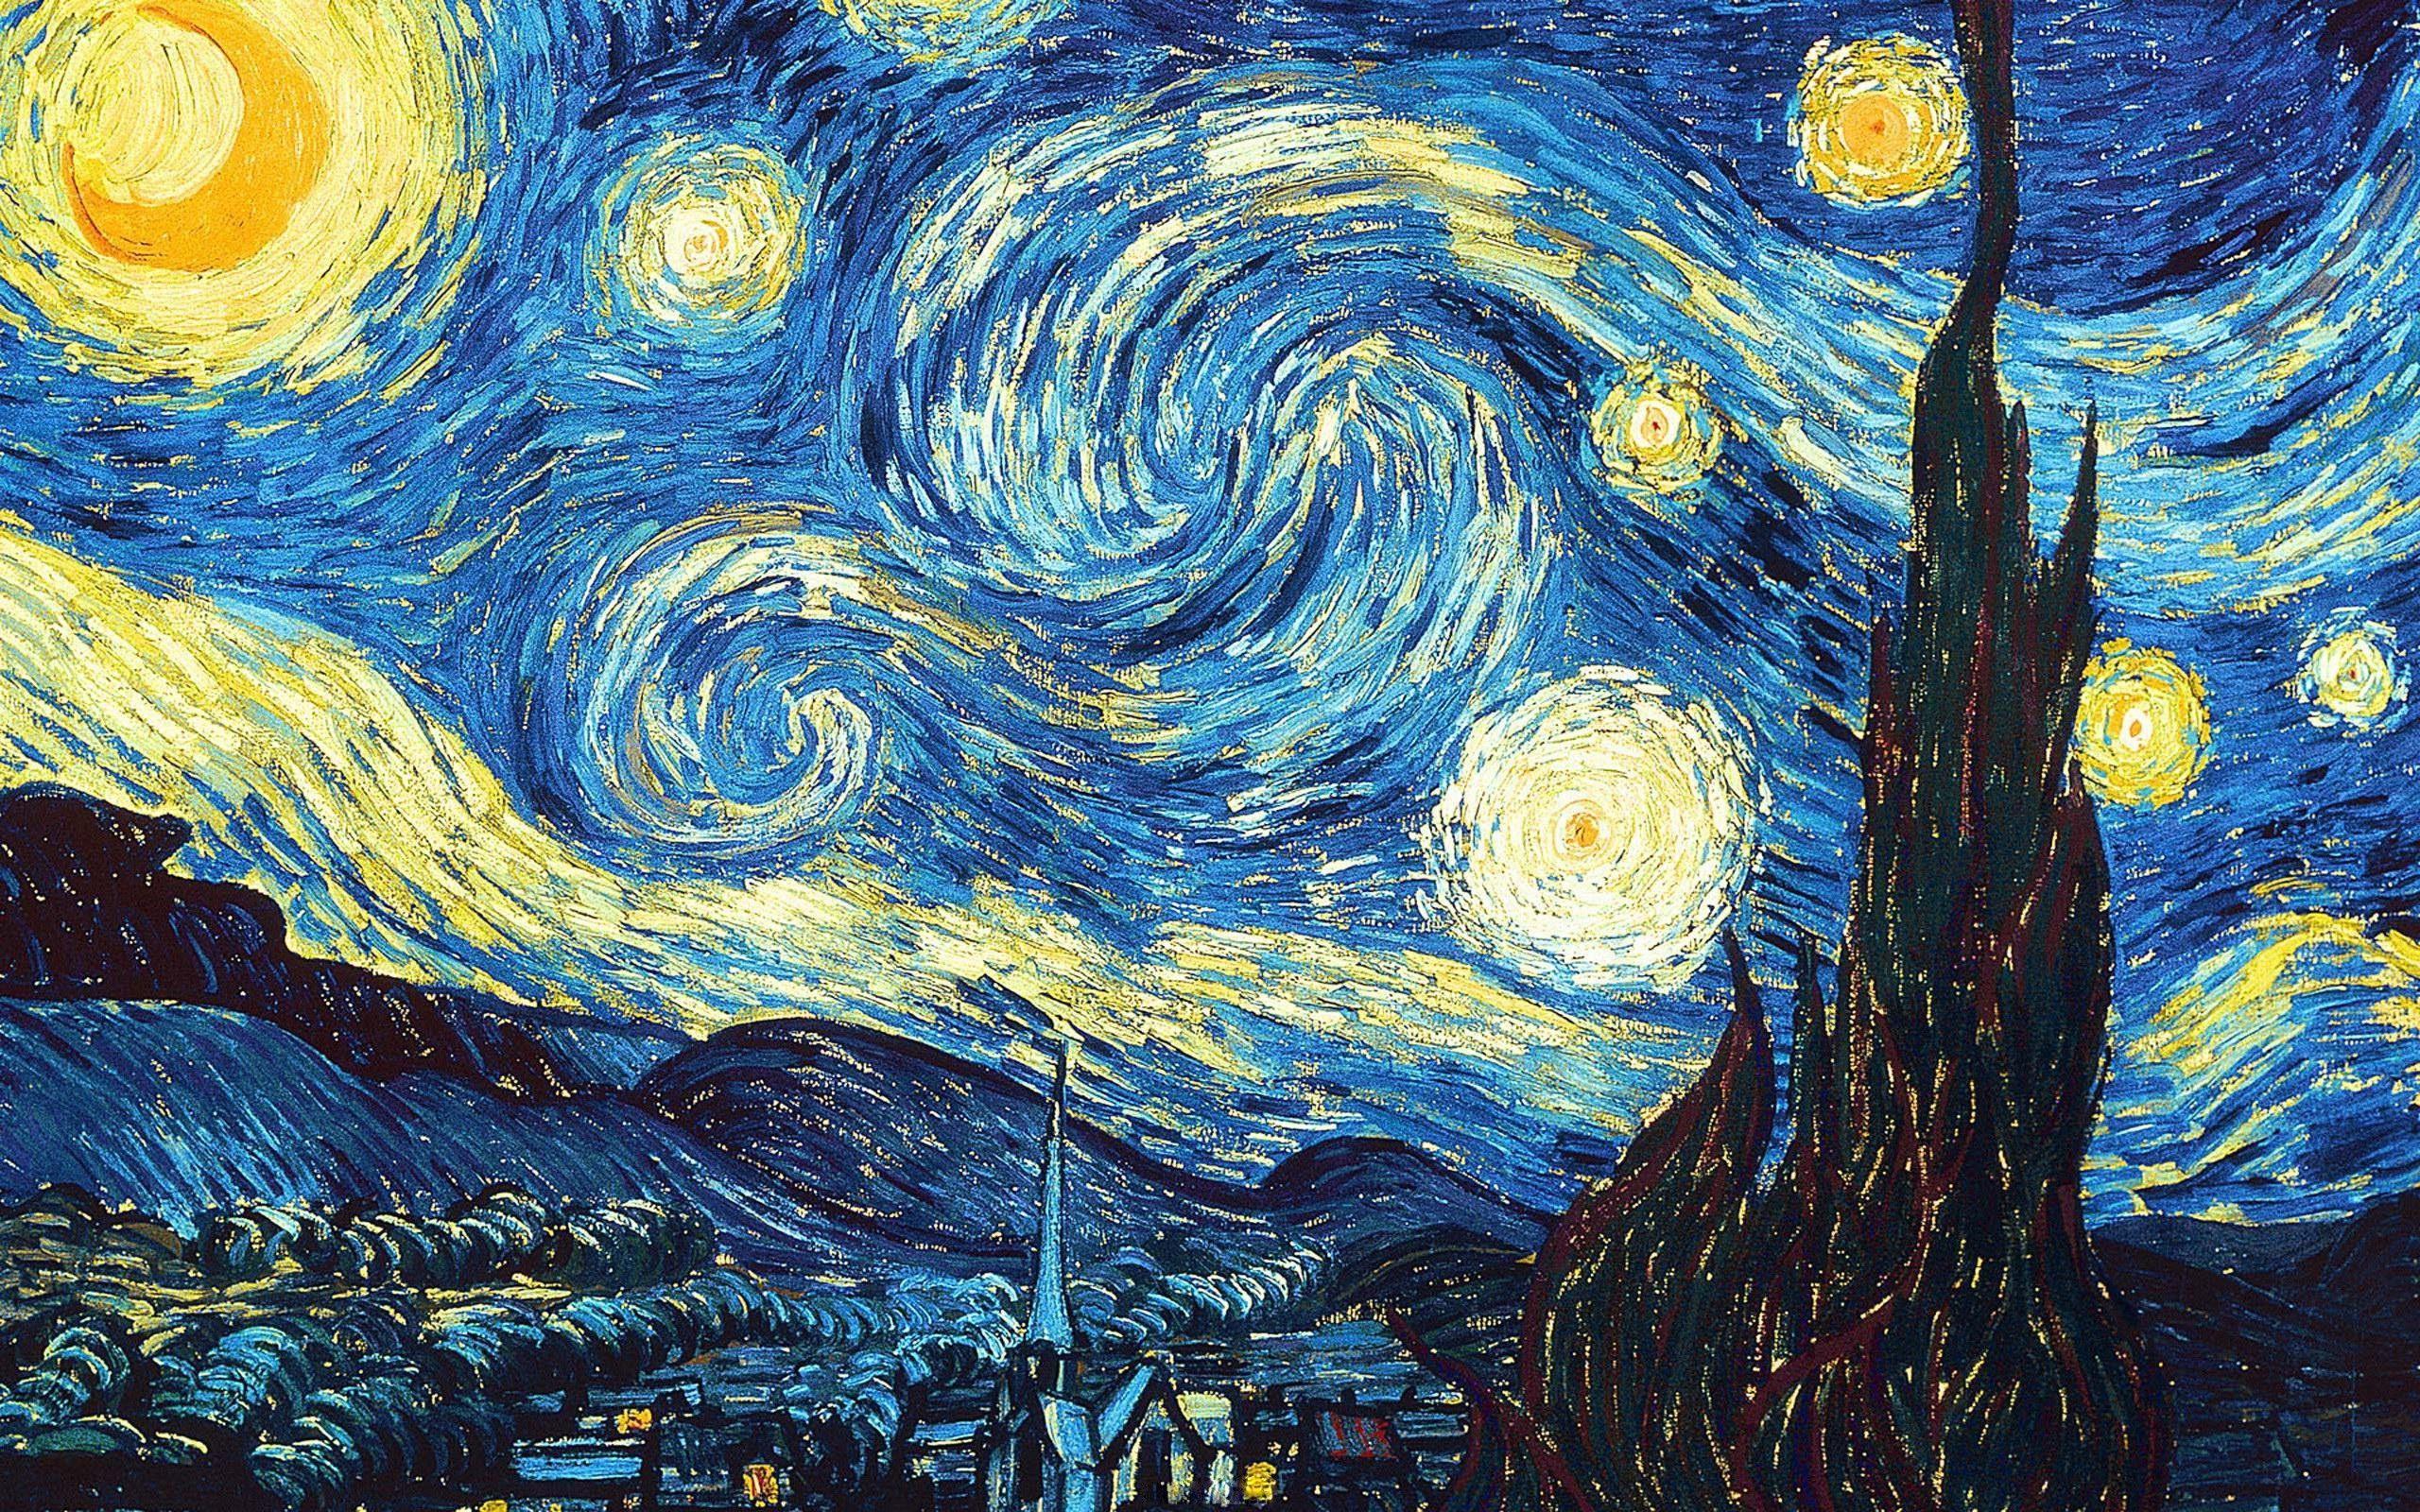 Vincent Van Gogh The Starry Night Desktop Wallpapers Top